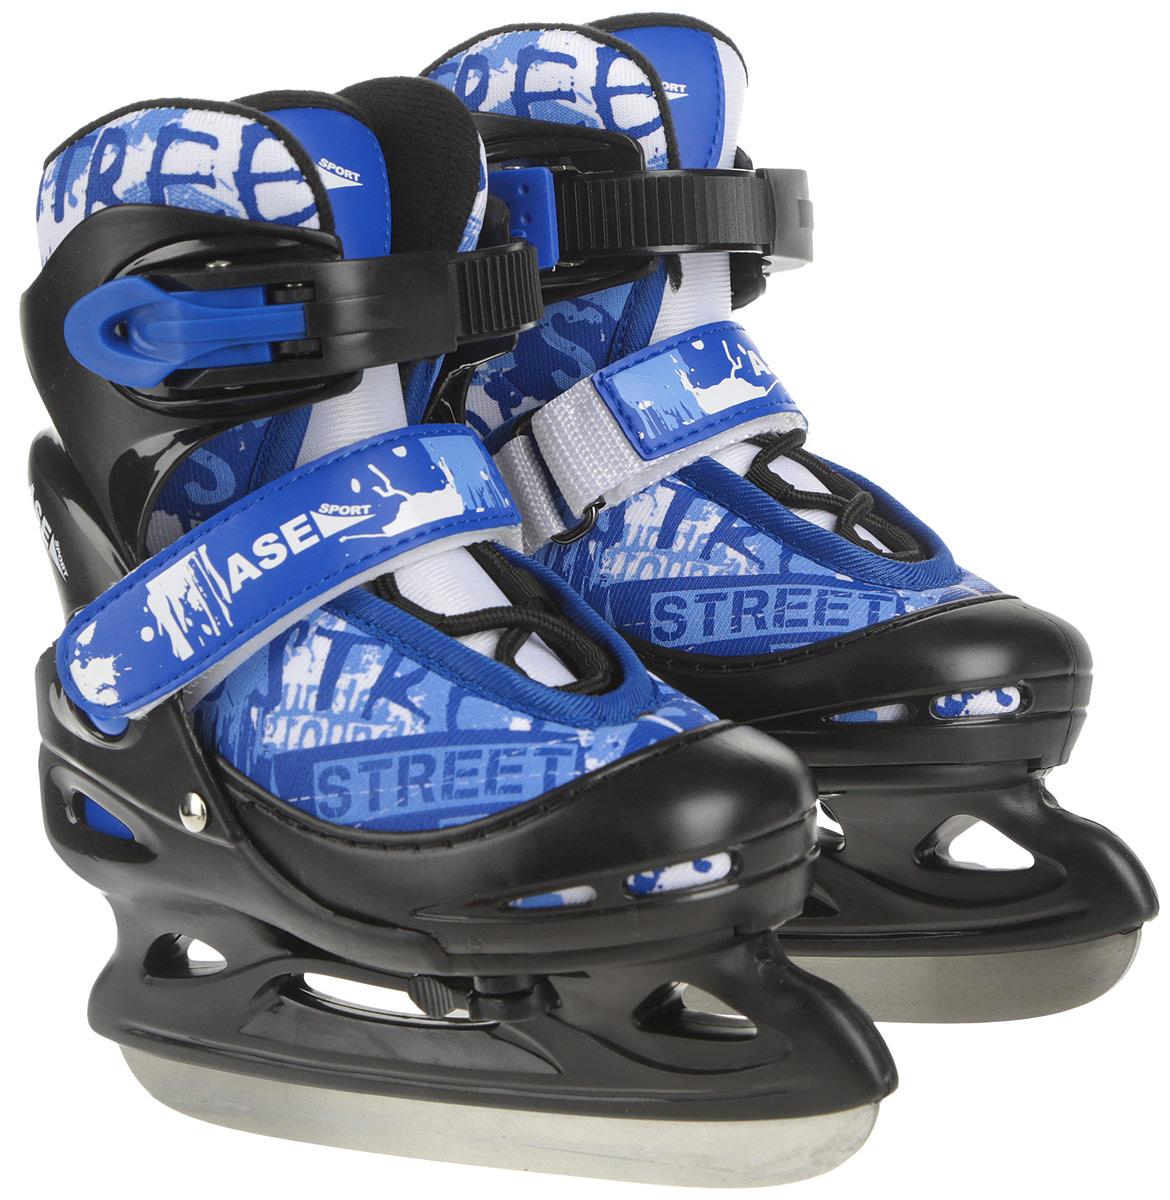 Коньки ледовые Ase-Sport, раздвижные, цвет: черный, синий, белый. ASE-611F. Размер XS (26-29)